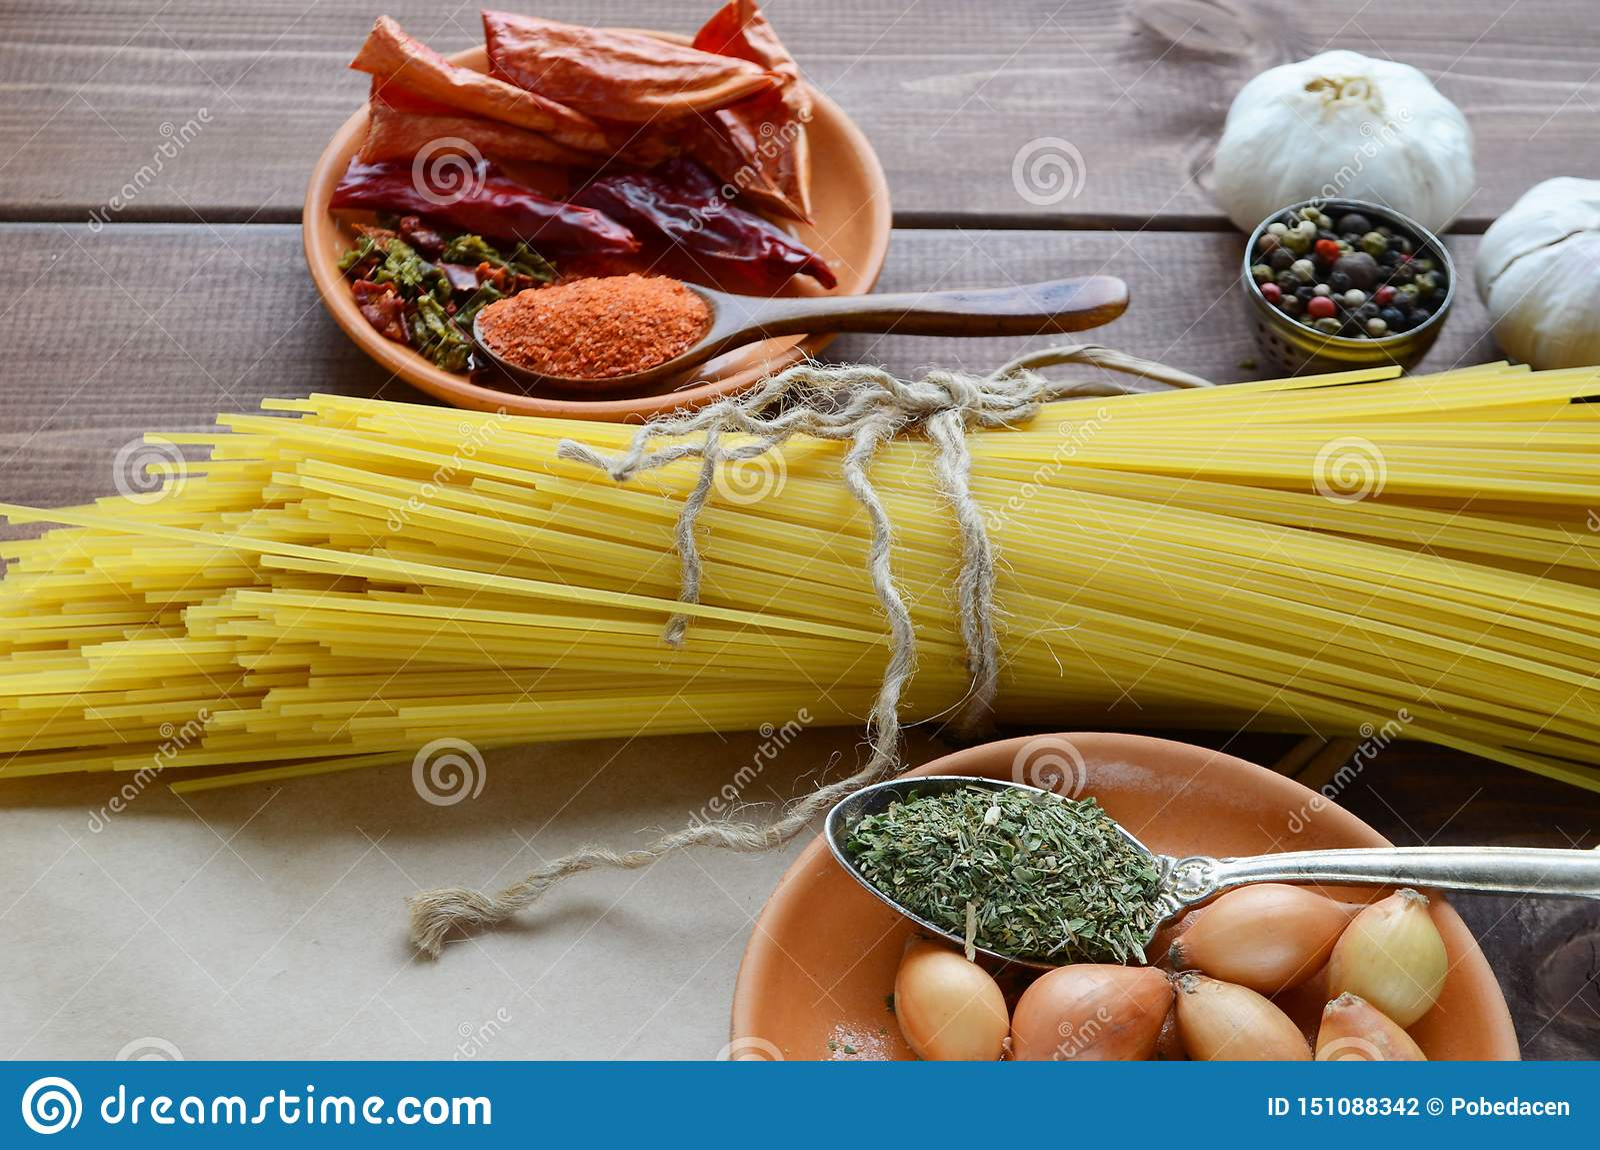 Torkad pasta band med rad med kryddor